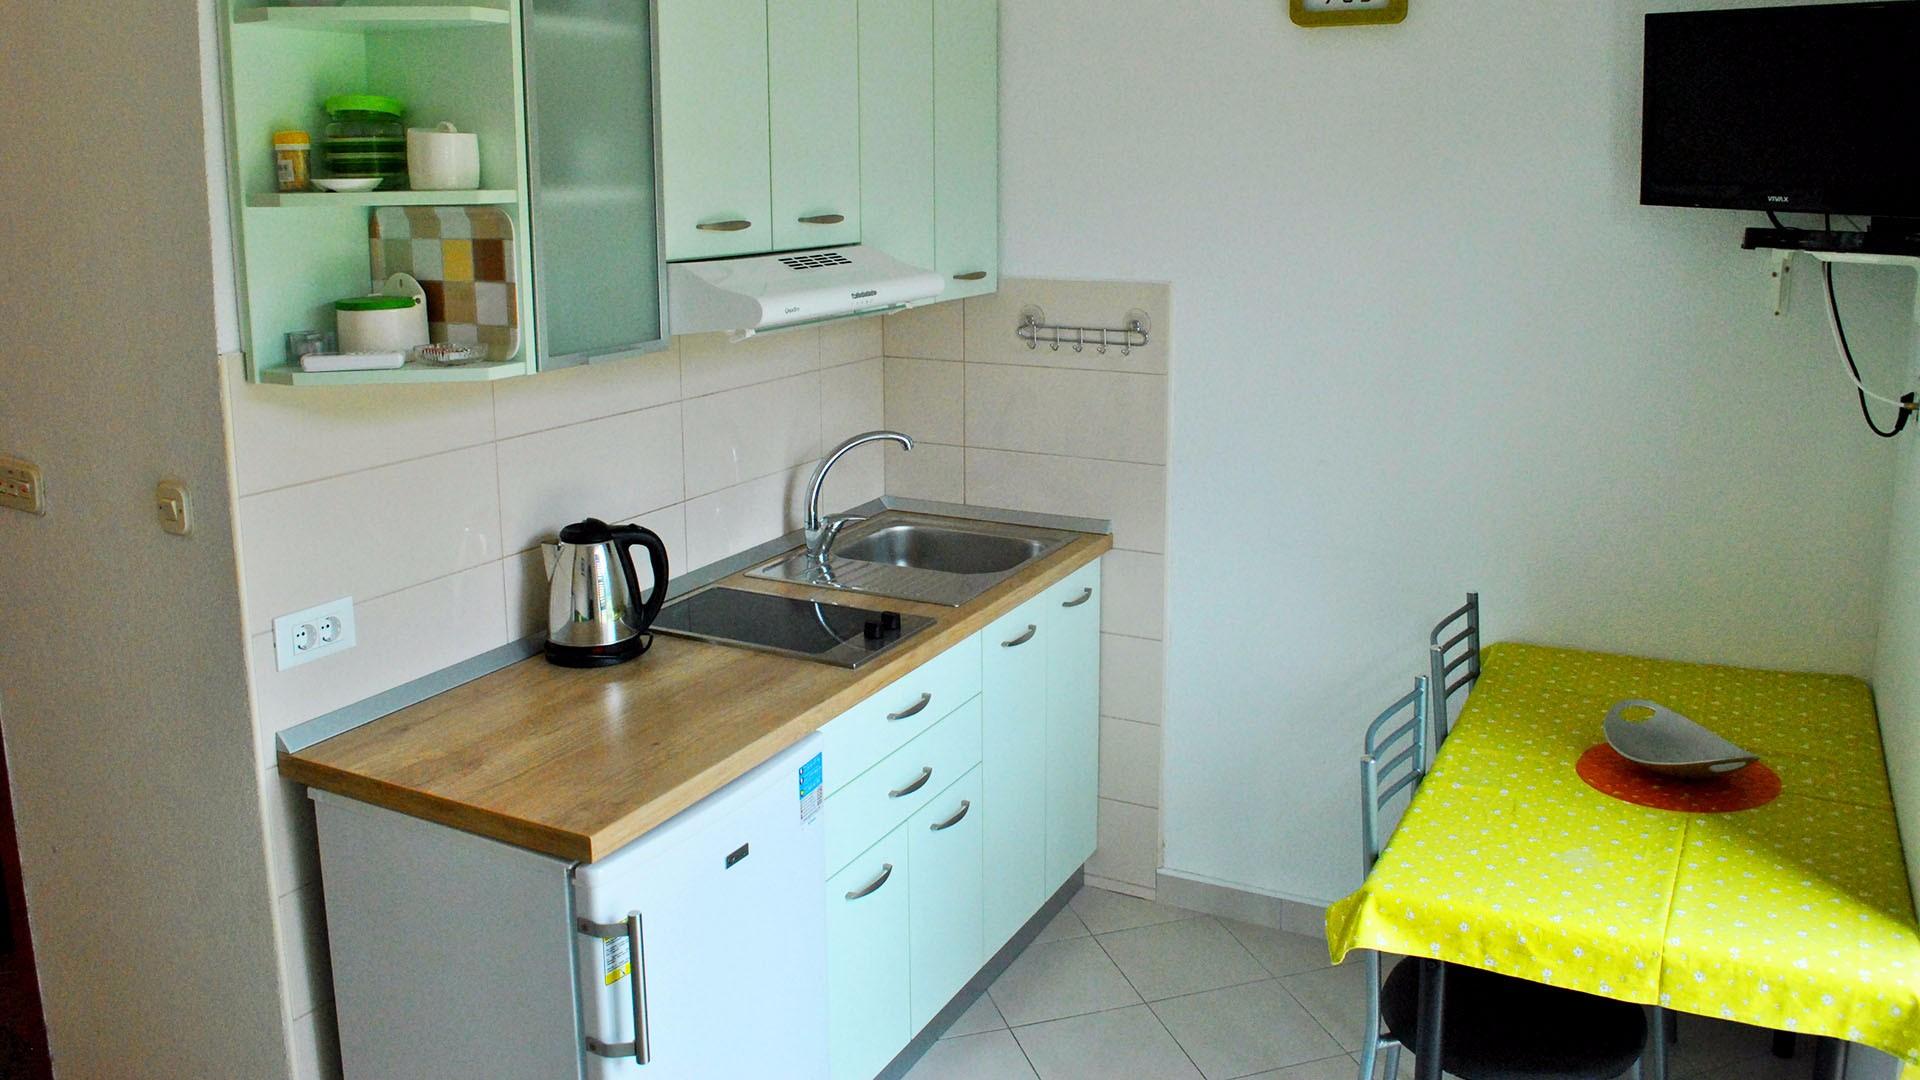 ApartmentA6 kitchen